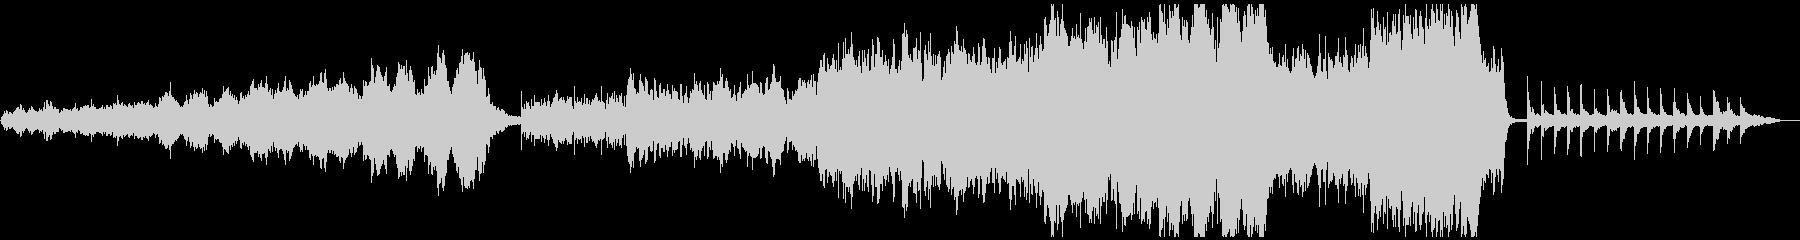 北欧風 オーケストラ アンビエントの未再生の波形